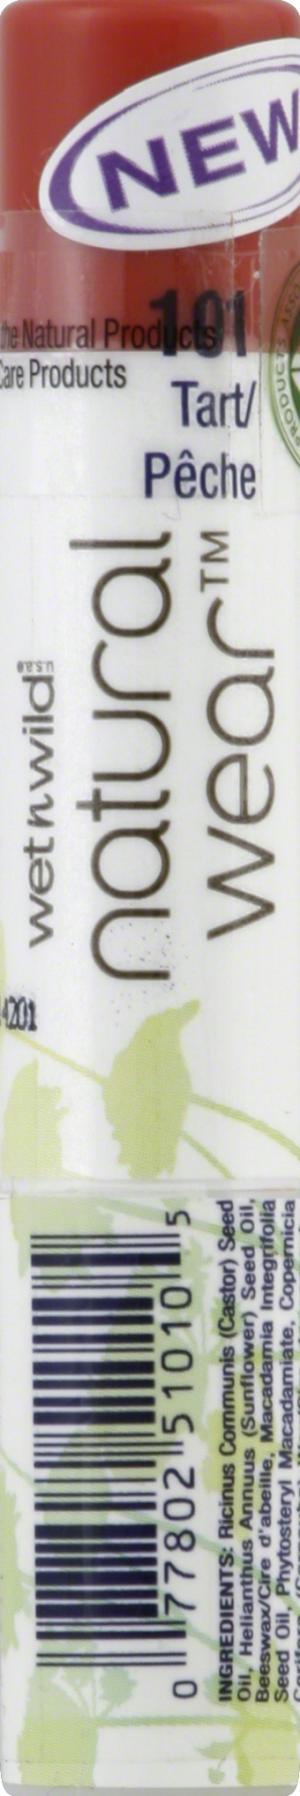 Wet n Wild Natural Blend Lip Shimmer Tart 101